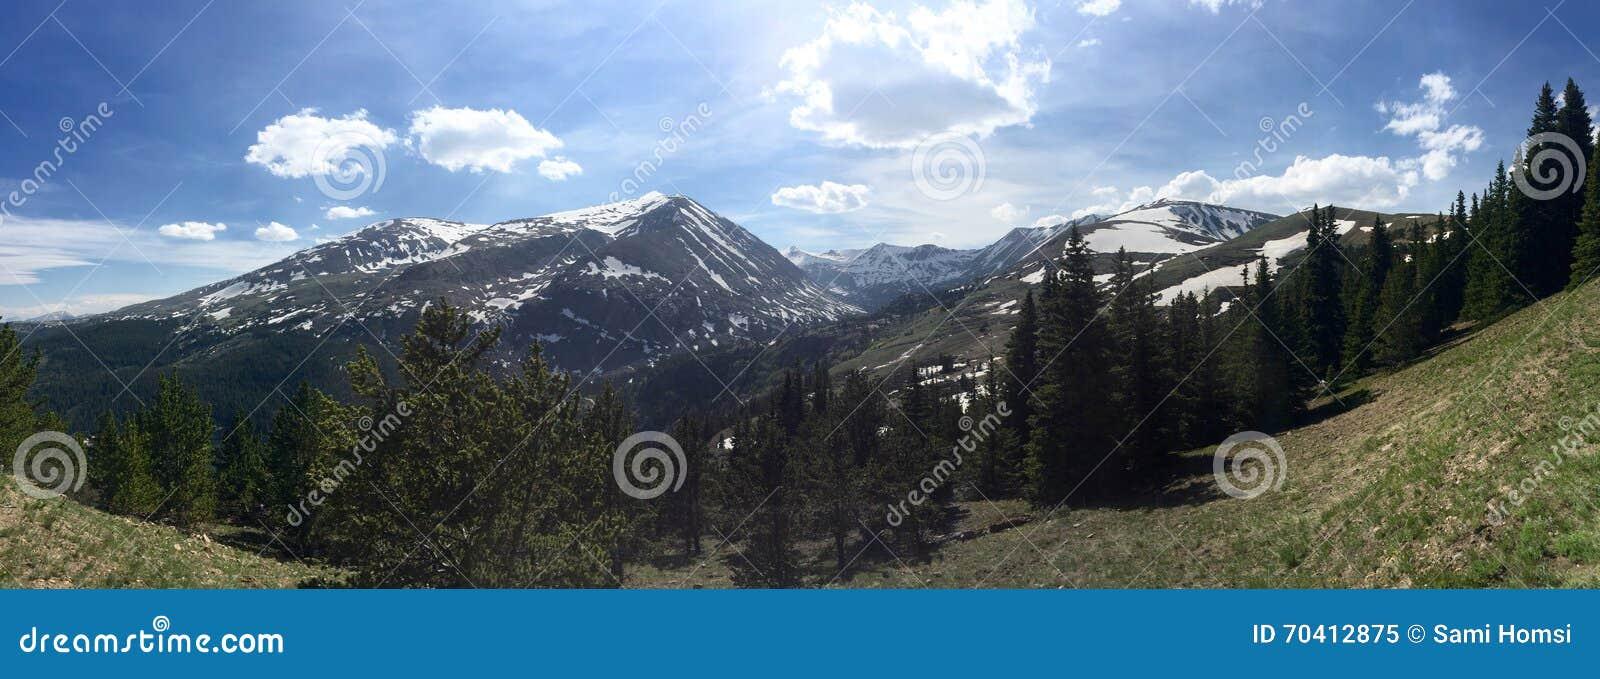 Passagem do Hoosier, Colorado